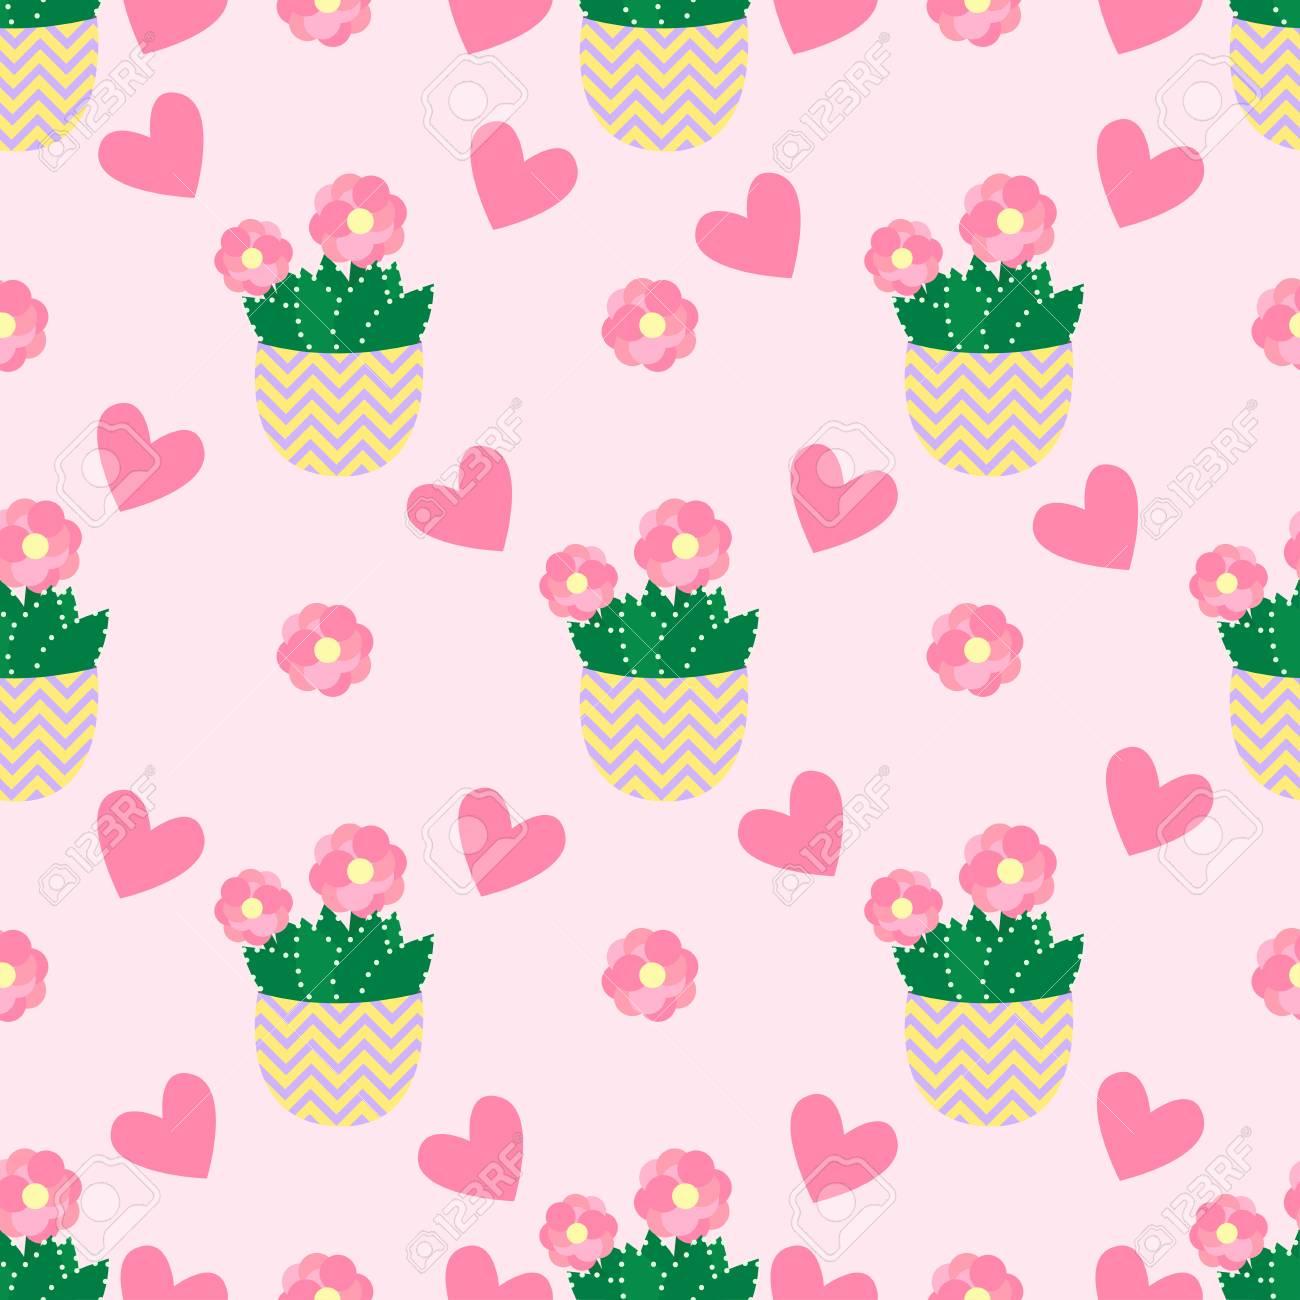 かわいいサボテン植木鉢かわいいサボテンとのシームレスなパターン